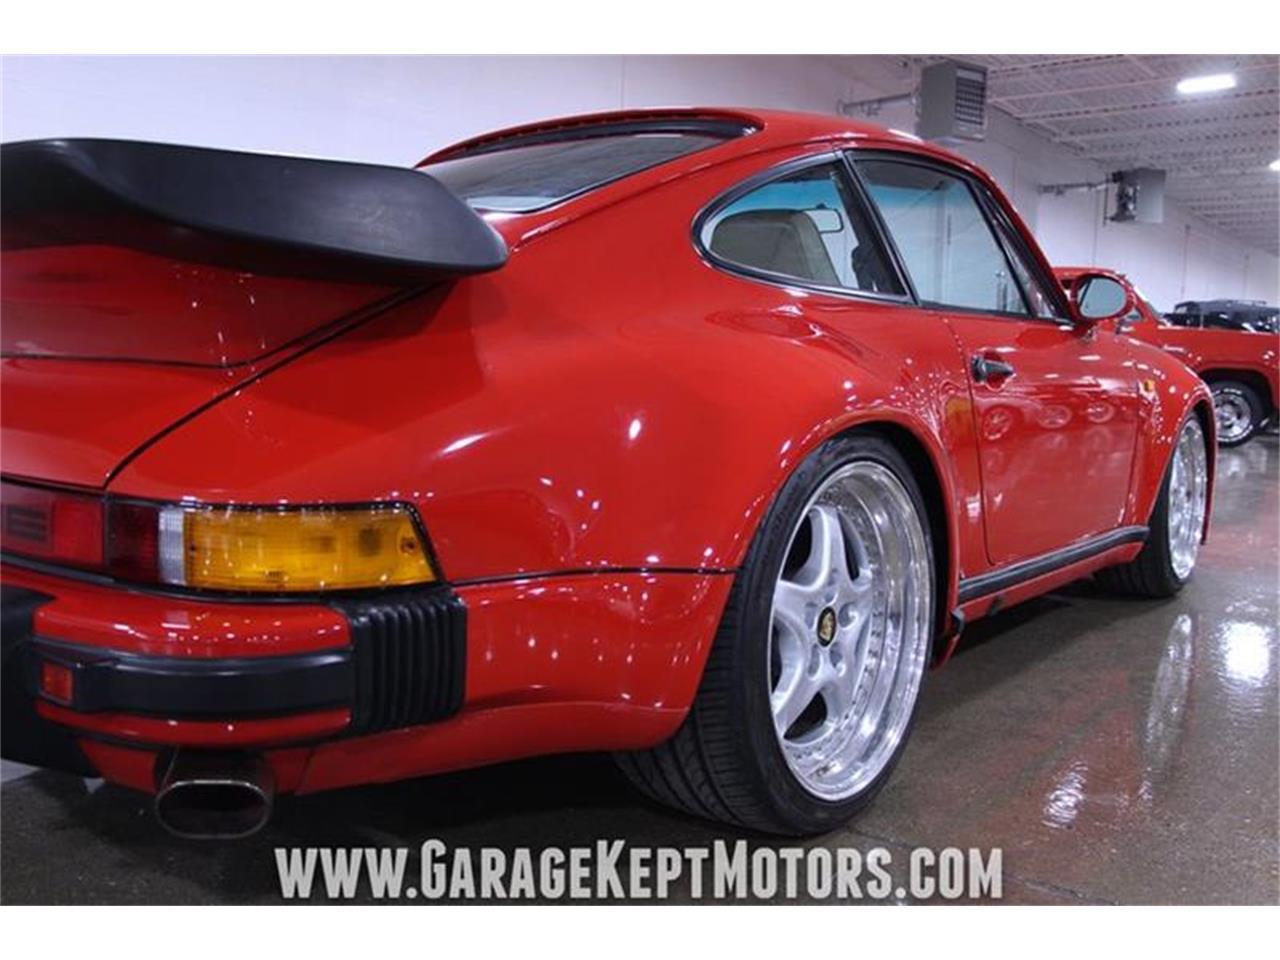 Large Picture of '82 Porsche 911 - $109,900.00 - Q470